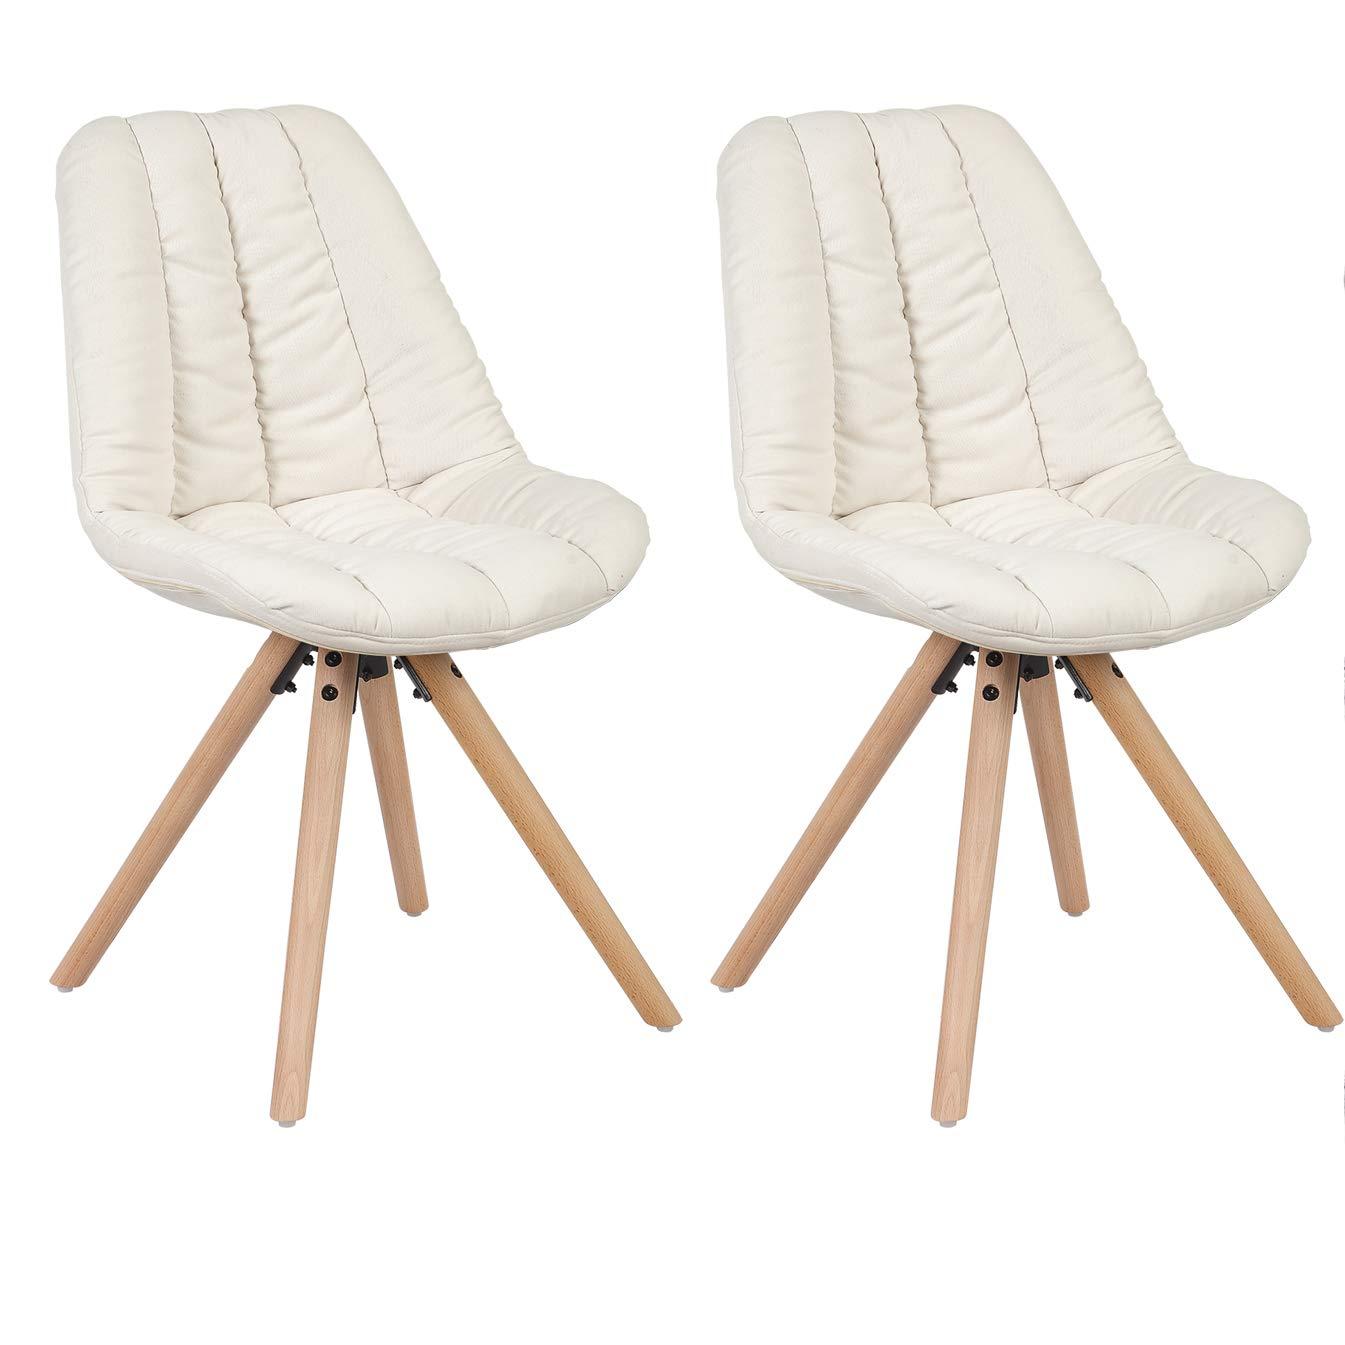 WOLTU® BH43cm-2 2 2 2 x Esszimmerstühle 2er Set Esszimmerstuhl Leinen gut gepolstert mit Lehne Design Stuhl Küchenstuhl Holz Creme 411d01